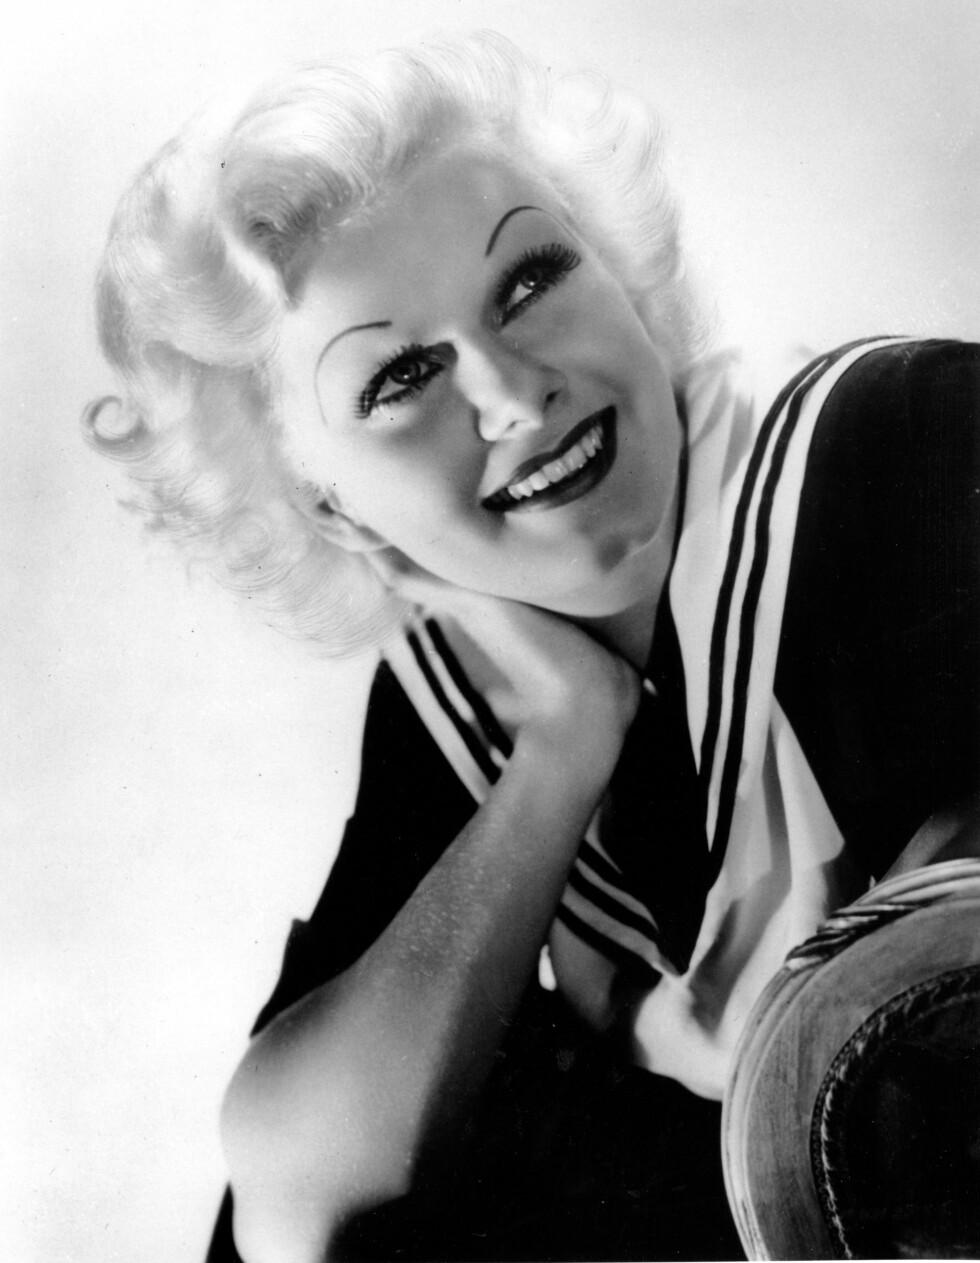 Jean Harlow (på bildet), Ava Gardner, og Marlene Dietrich er tre av skuespillerne som Max Factor bidro til å gjøre til store stjerner. Han ga Harlow tynne, bueformede bryn og definert amorbue på leppen. Gardner fikk lange, kraftige bryn i bue og svulstige lepper. Dietrich ga han definerte lepper, framhevede kinnbein – og ekte gullstøv i parykkene.